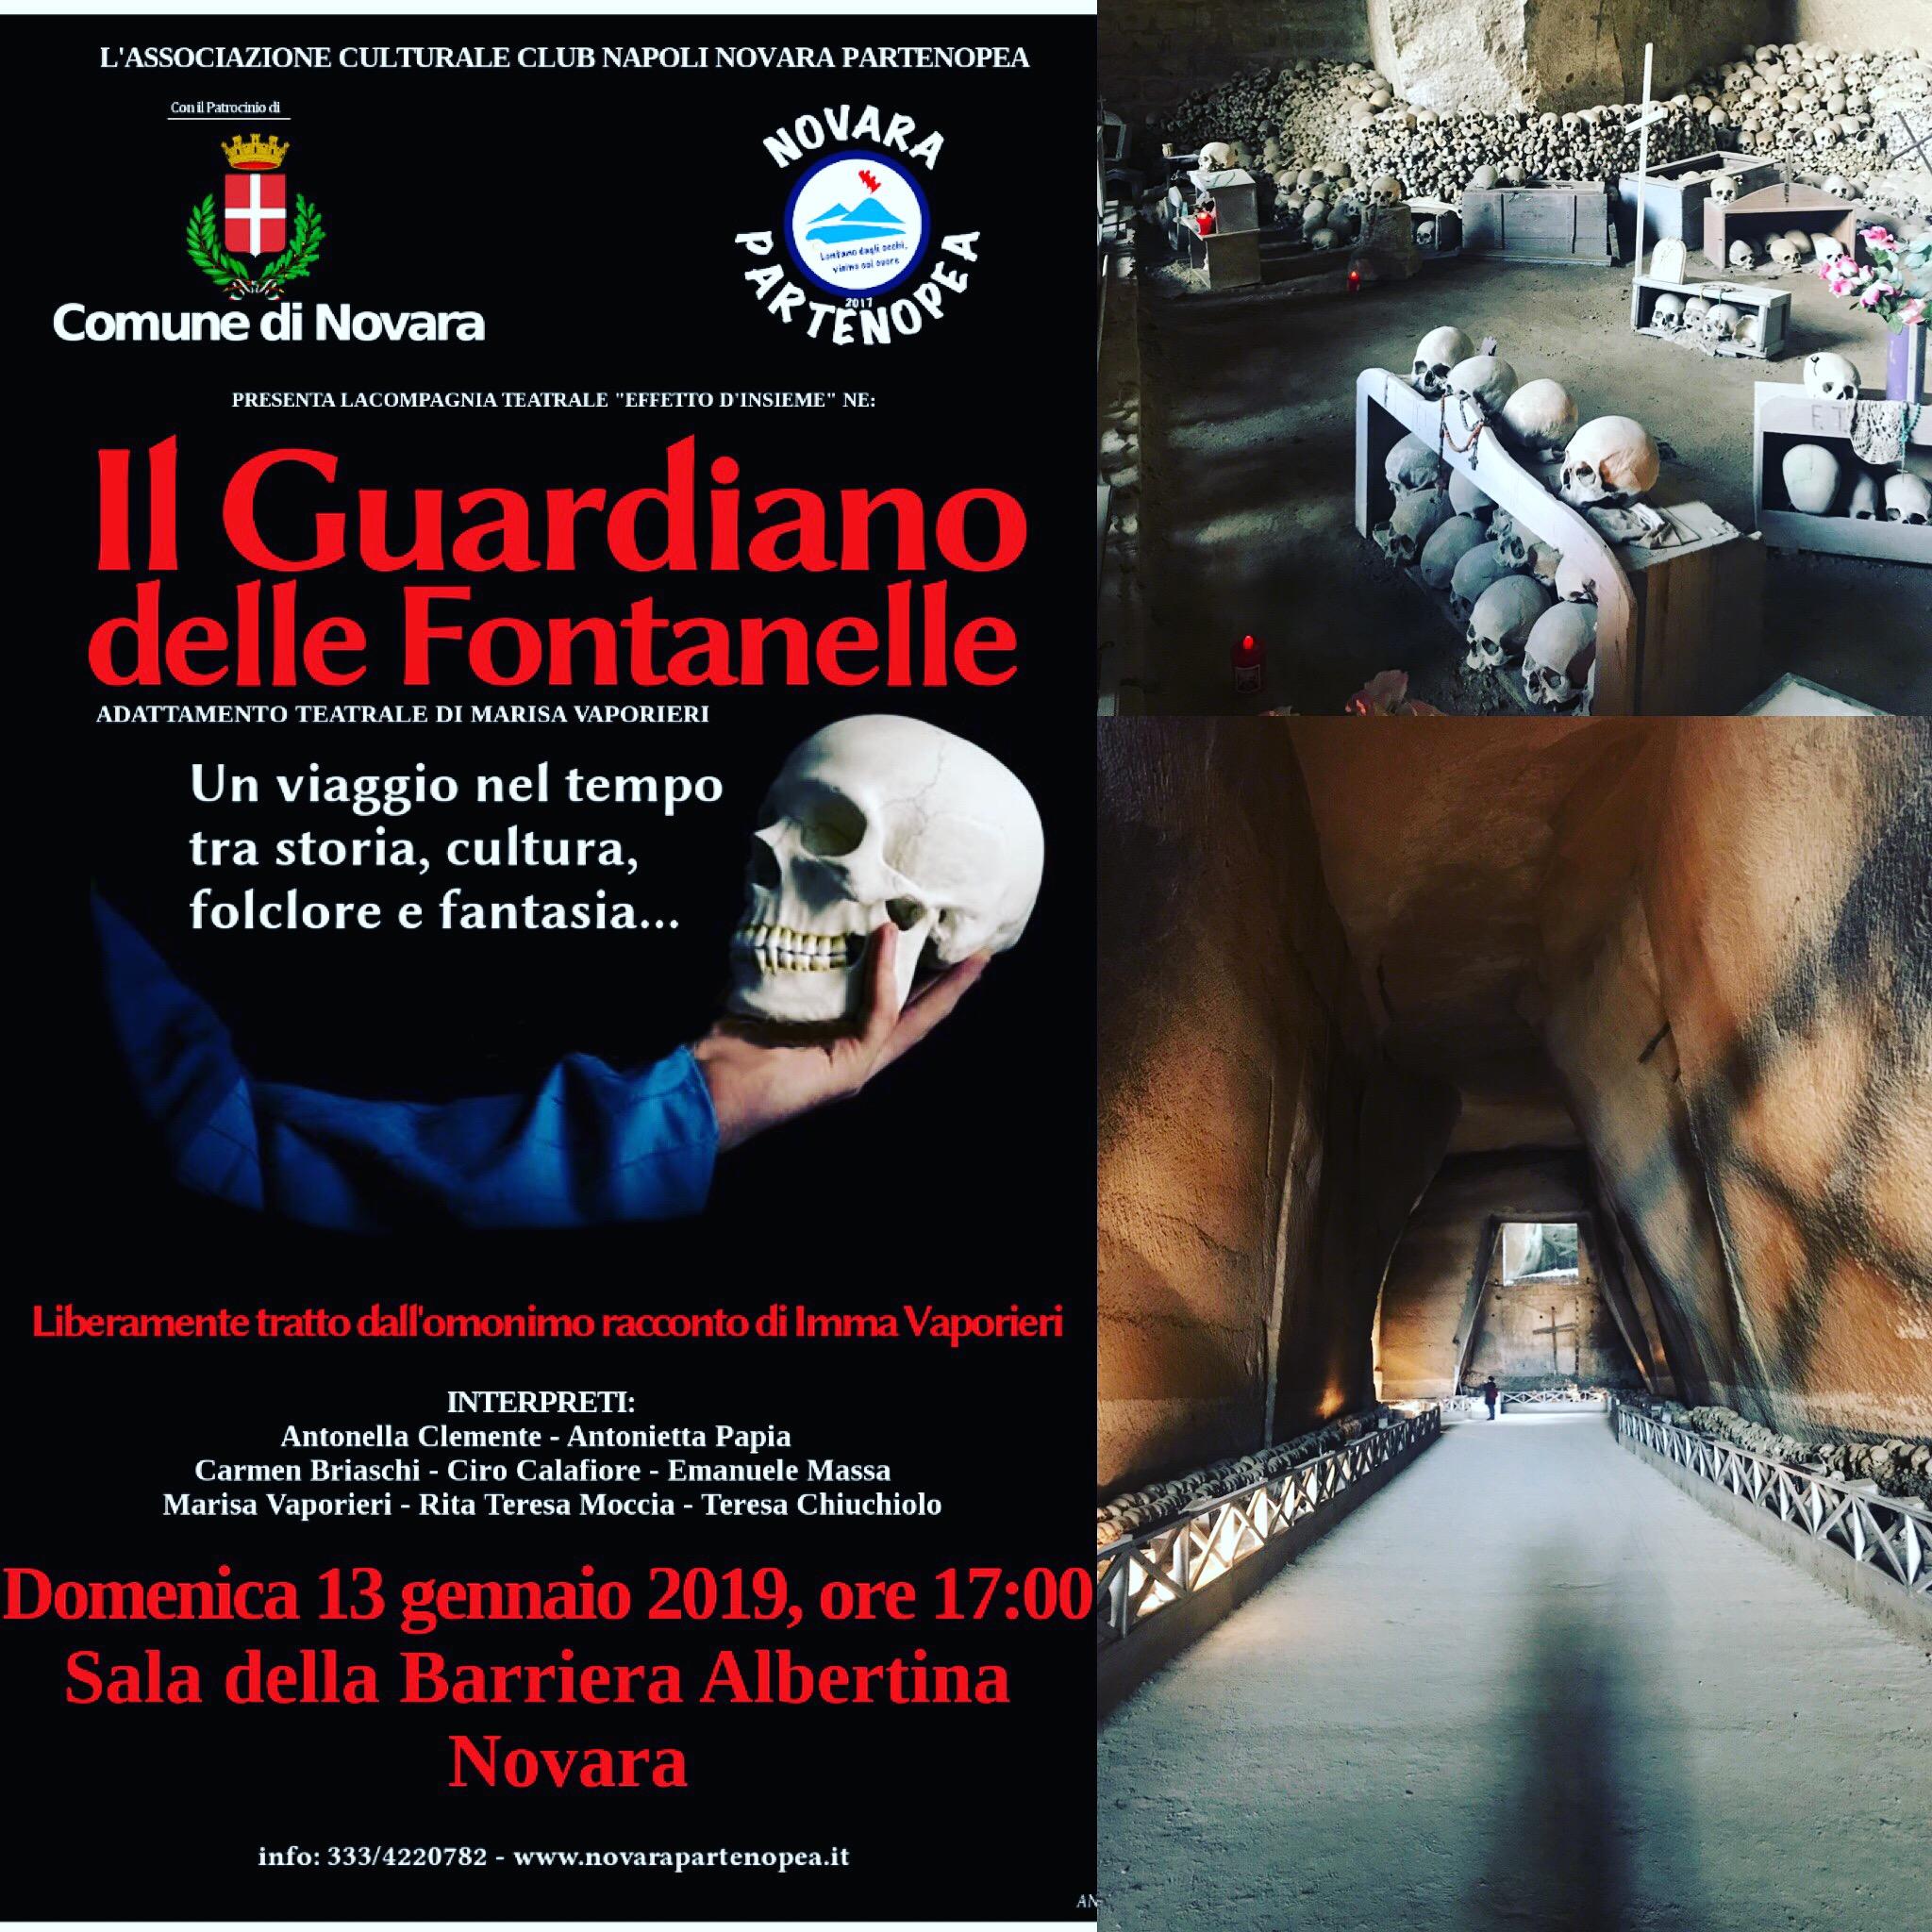 Evento Teatrale